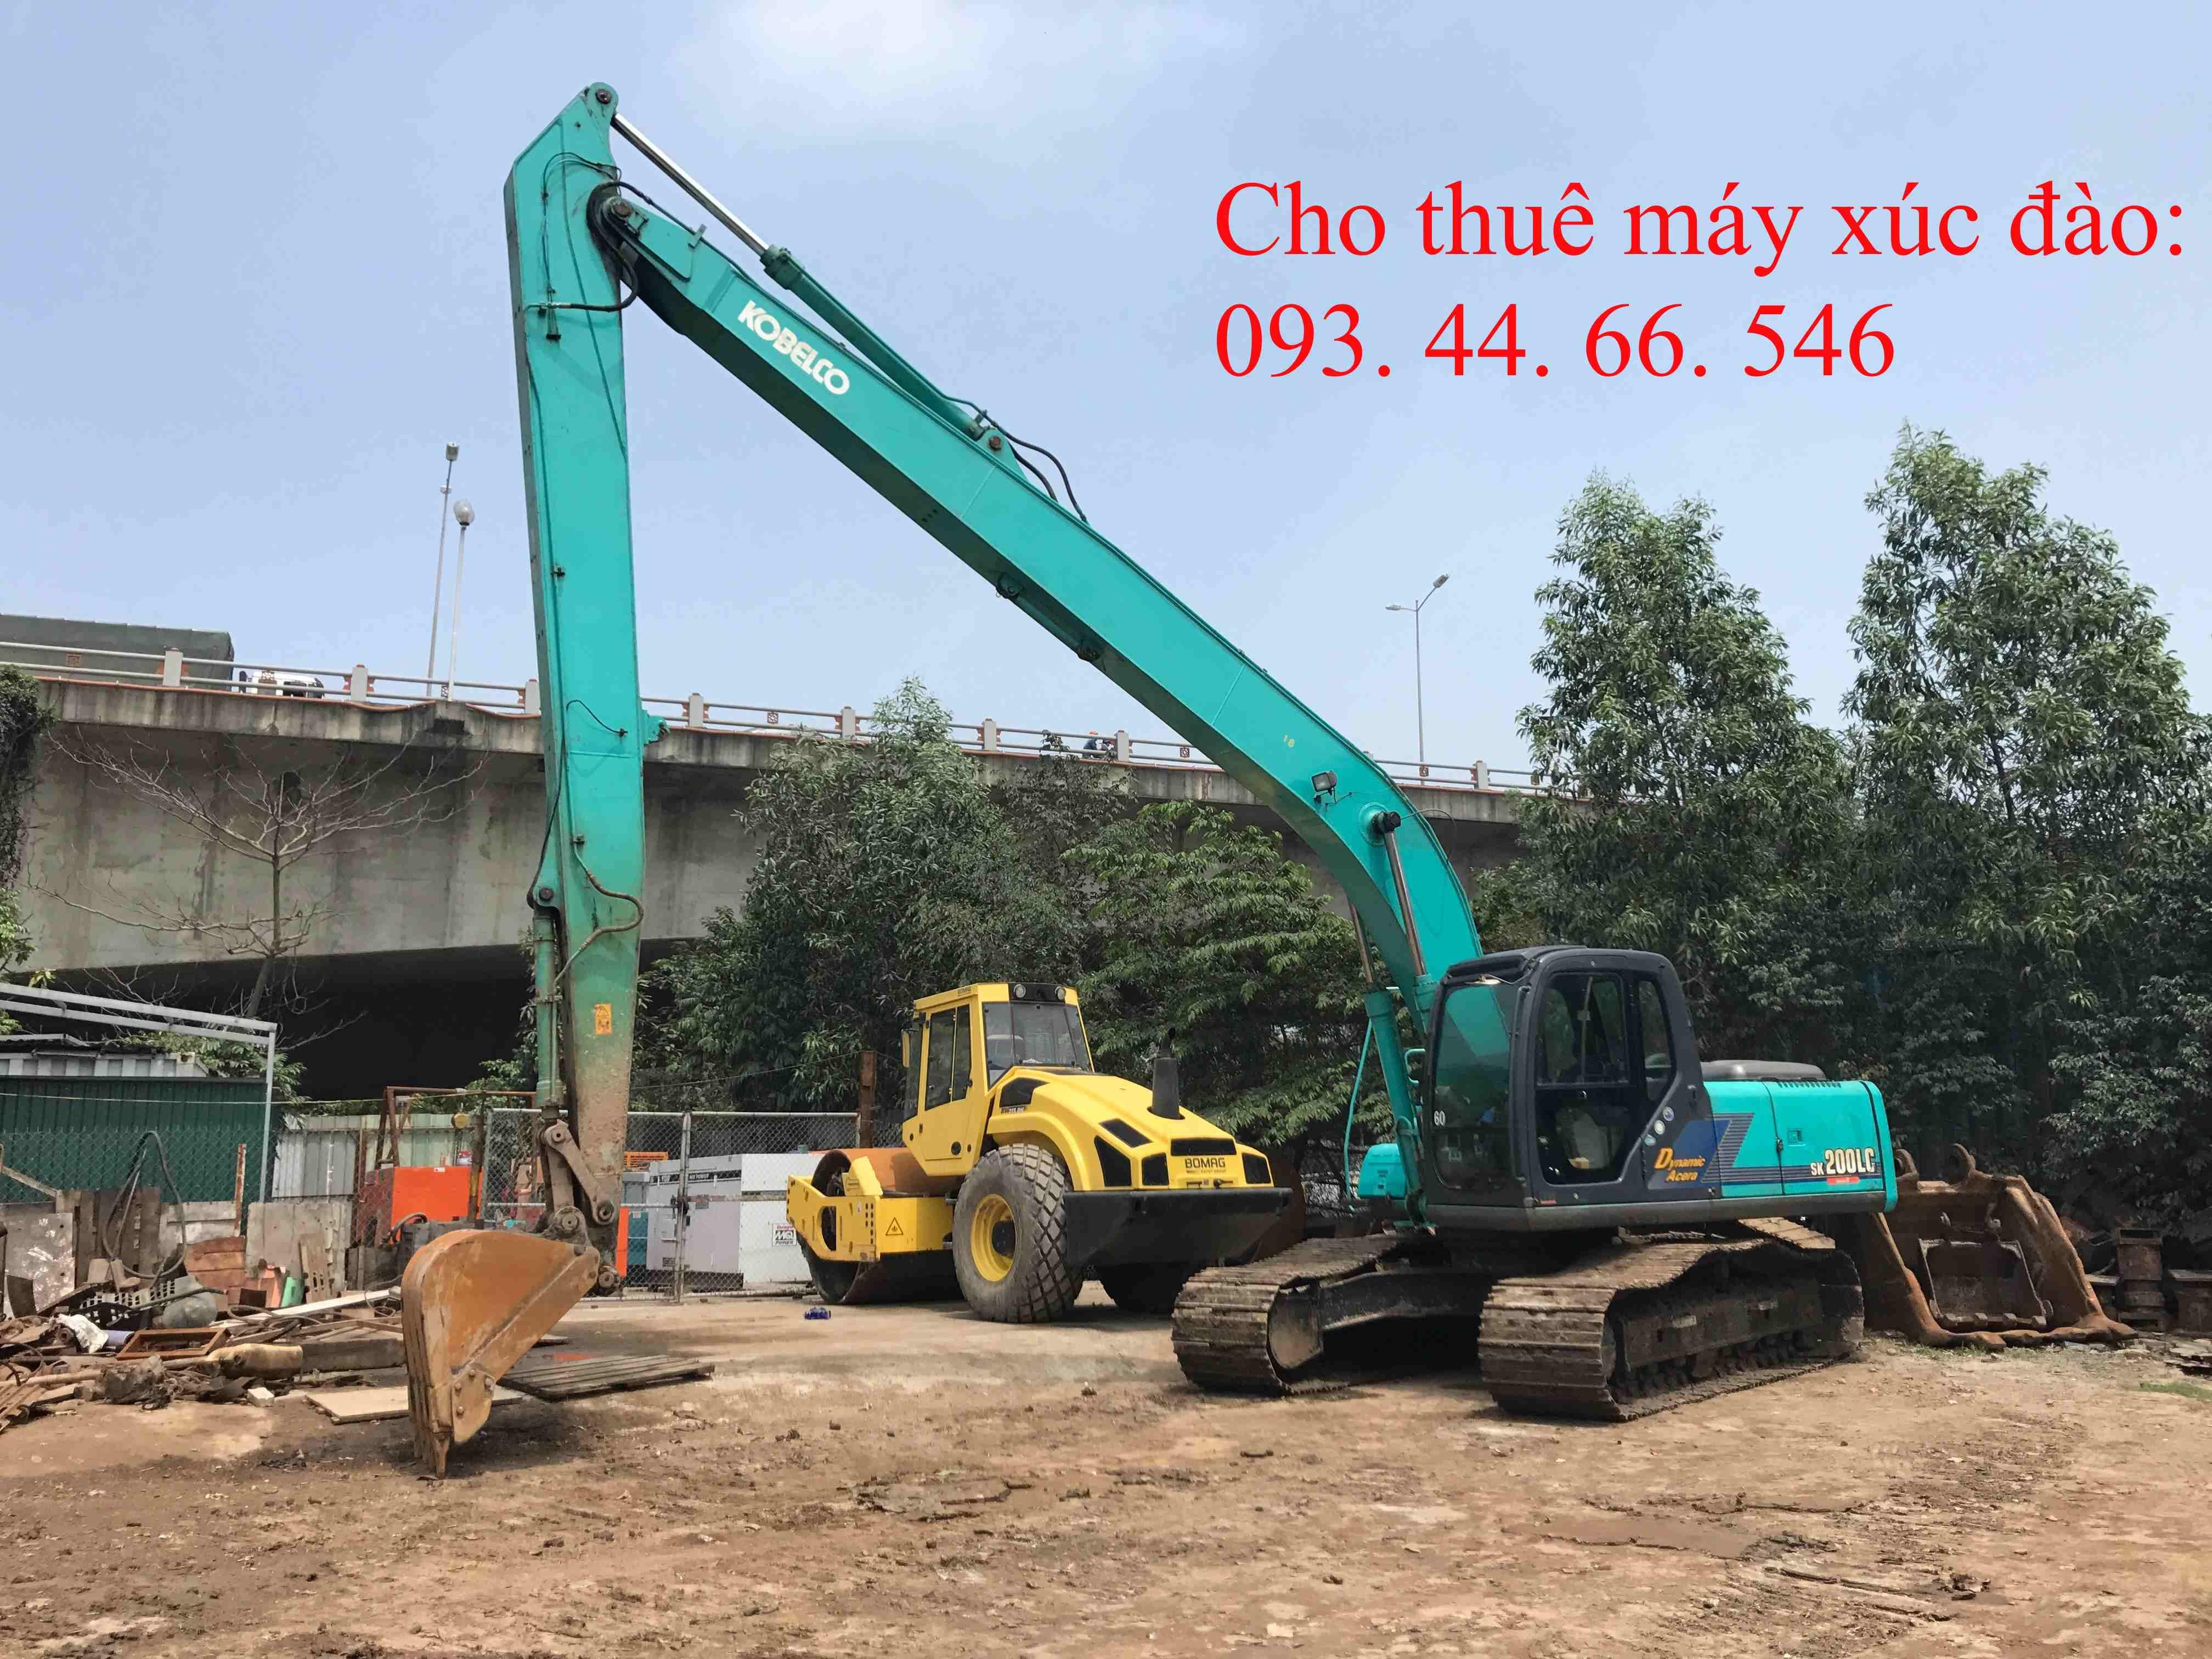 Cho thuê máy xúc đào cần dài Kobelco SK200- 6LC